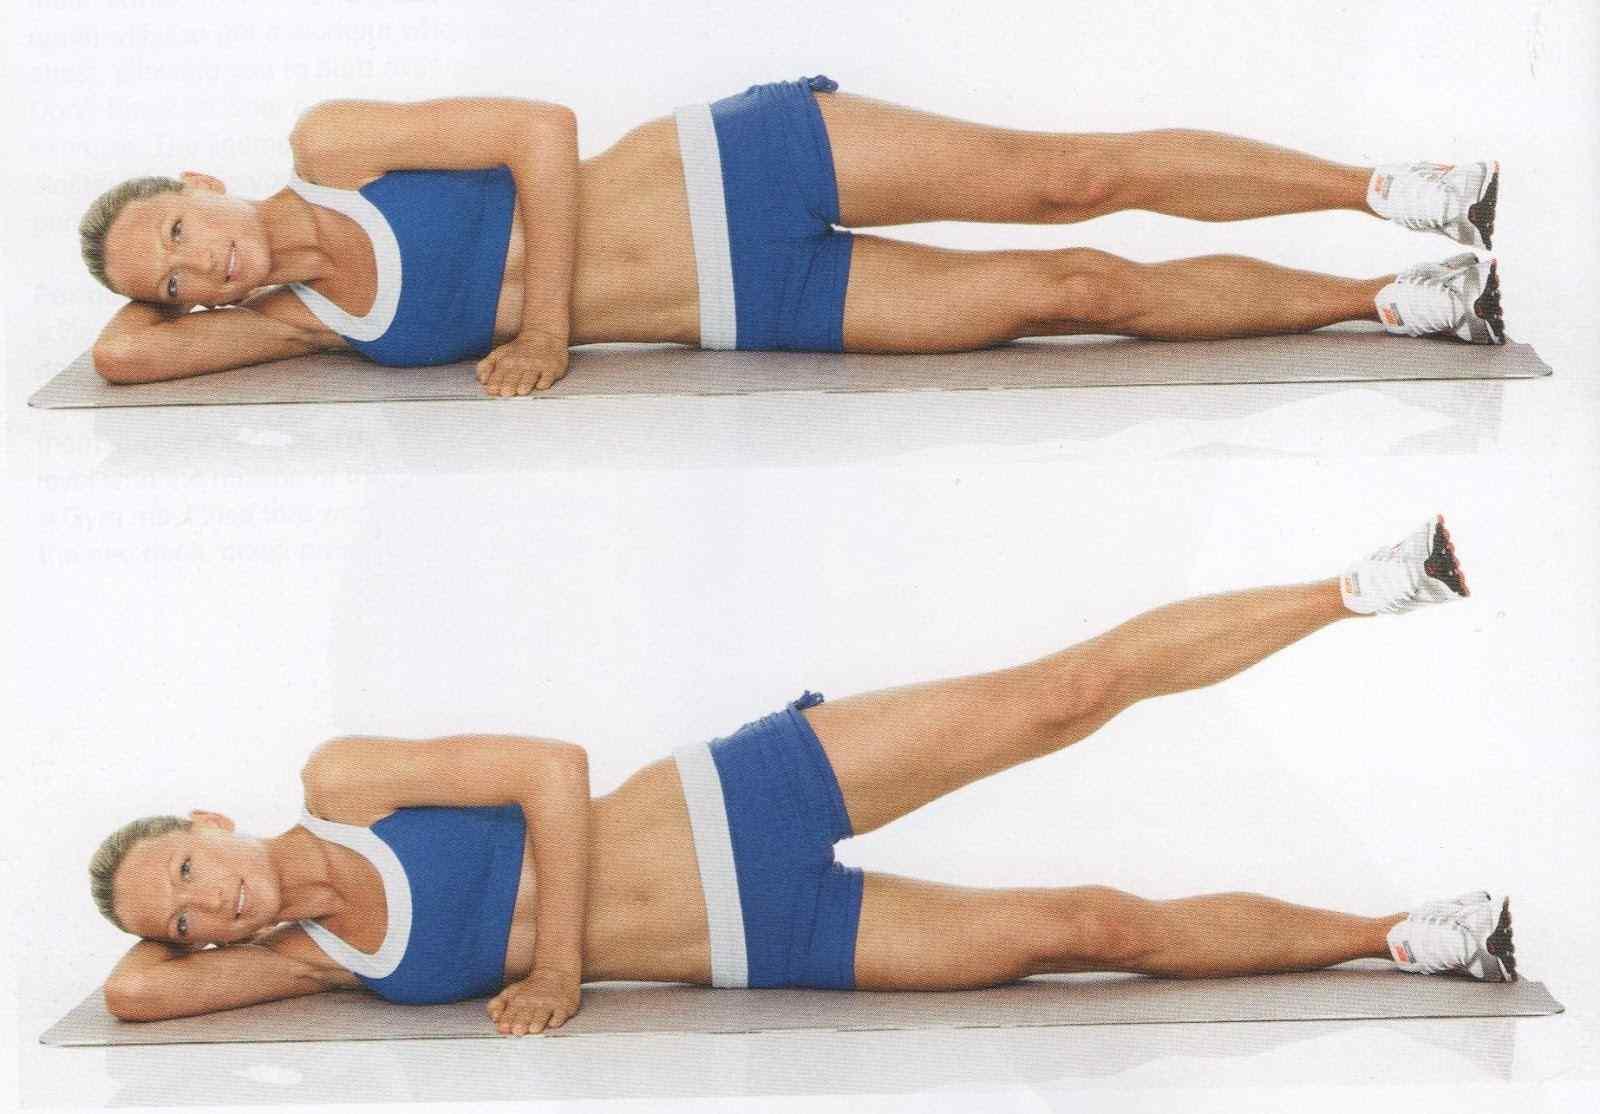 Ejercicios para afinar la cintura - Como hacer pilates en casa ...